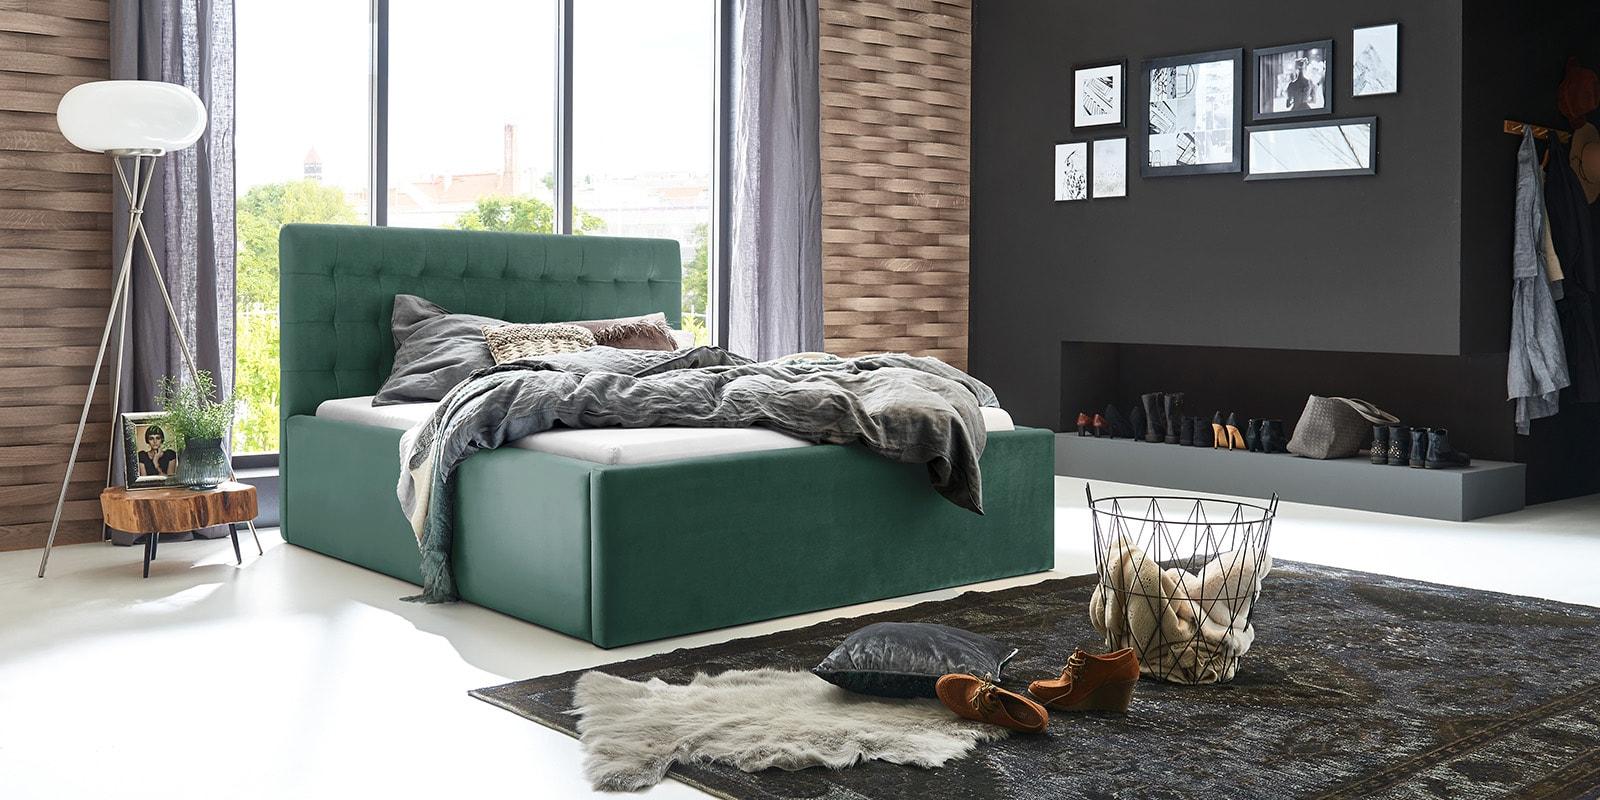 Moebella24 - Bett - mit - Bettkasten - Molly - Samt - Mint - Stauraum - Bettkasten - und - Lattenrost - vormontiert - verstärkte - Dämpfer - Von - vorne - links